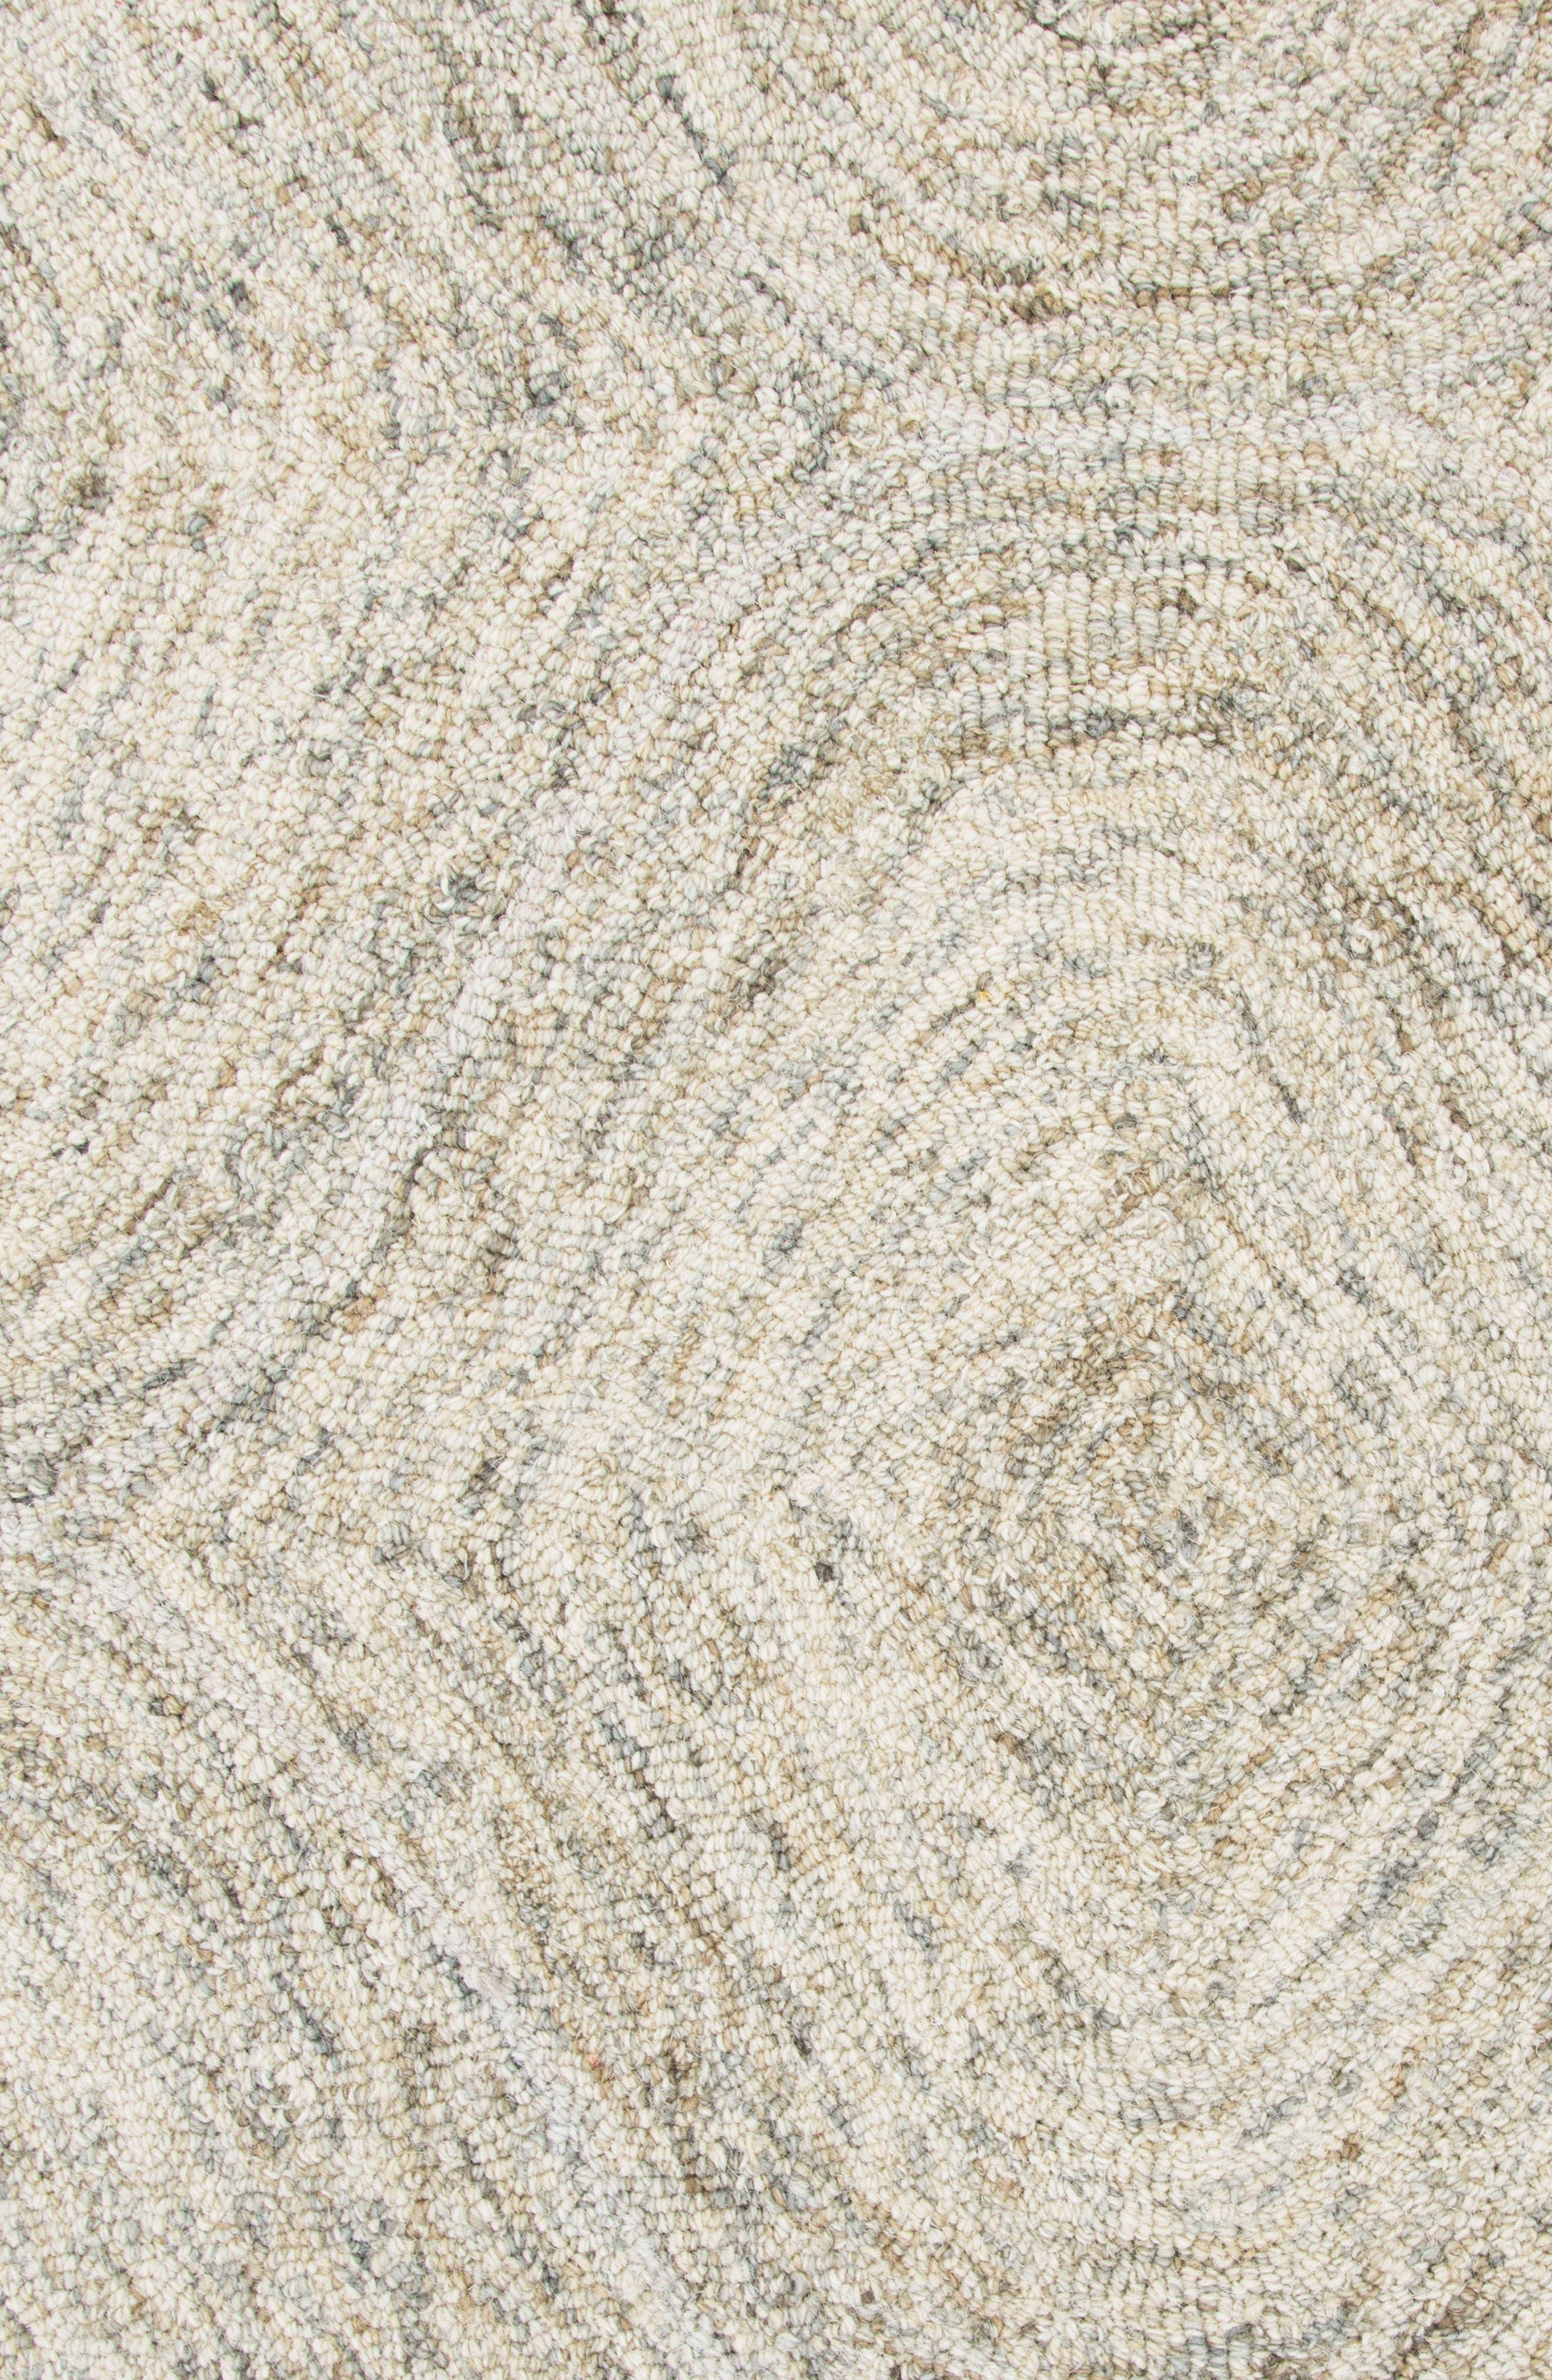 Irregular Diamond Hand Tufted Wool Area Rug,                             Alternate thumbnail 7, color,